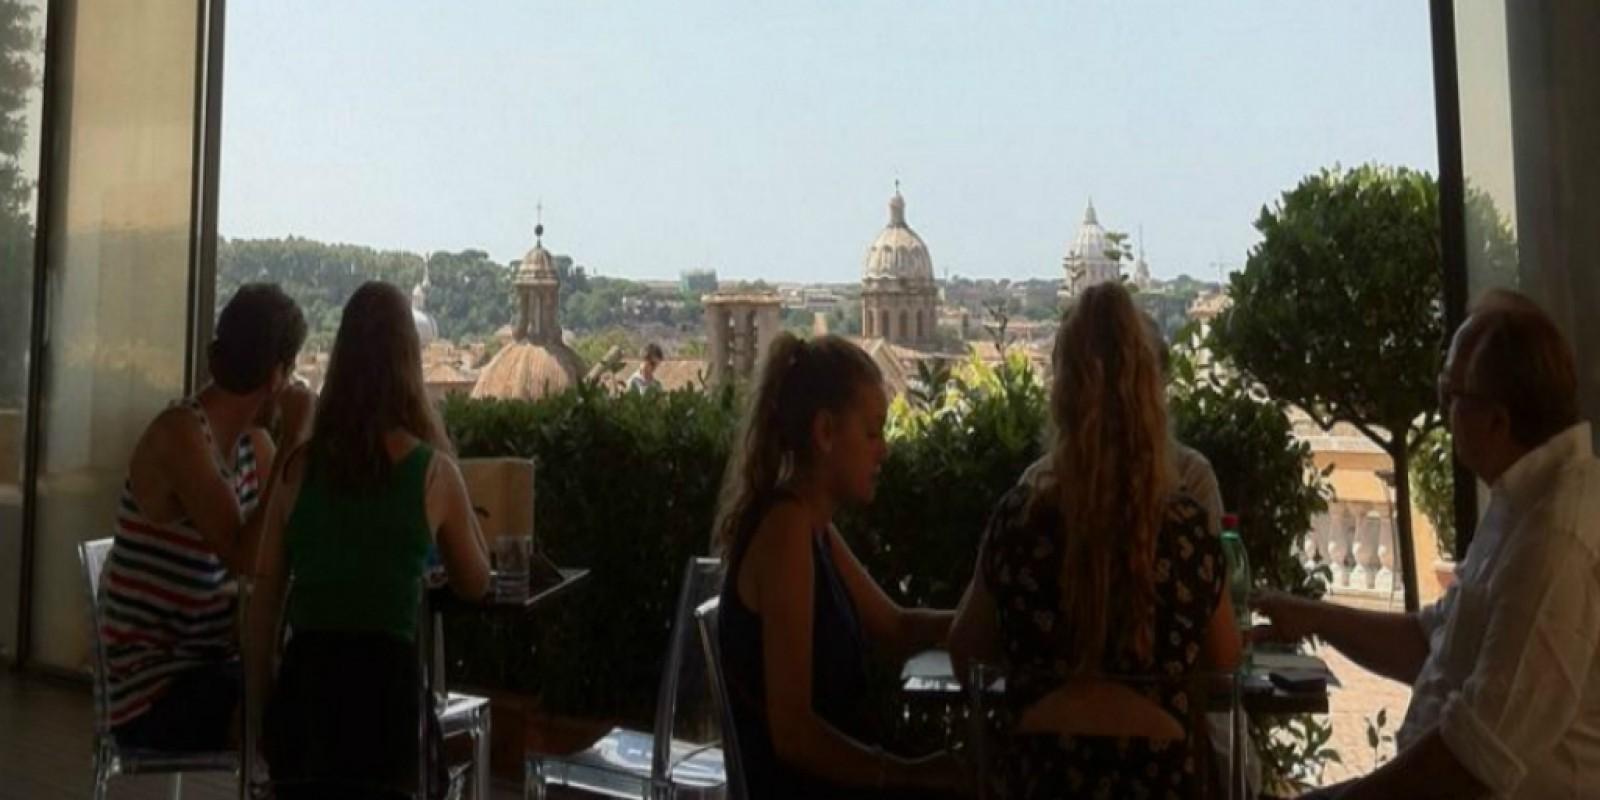 al museo: guida alle migliori caffetterie dei musei di Roma